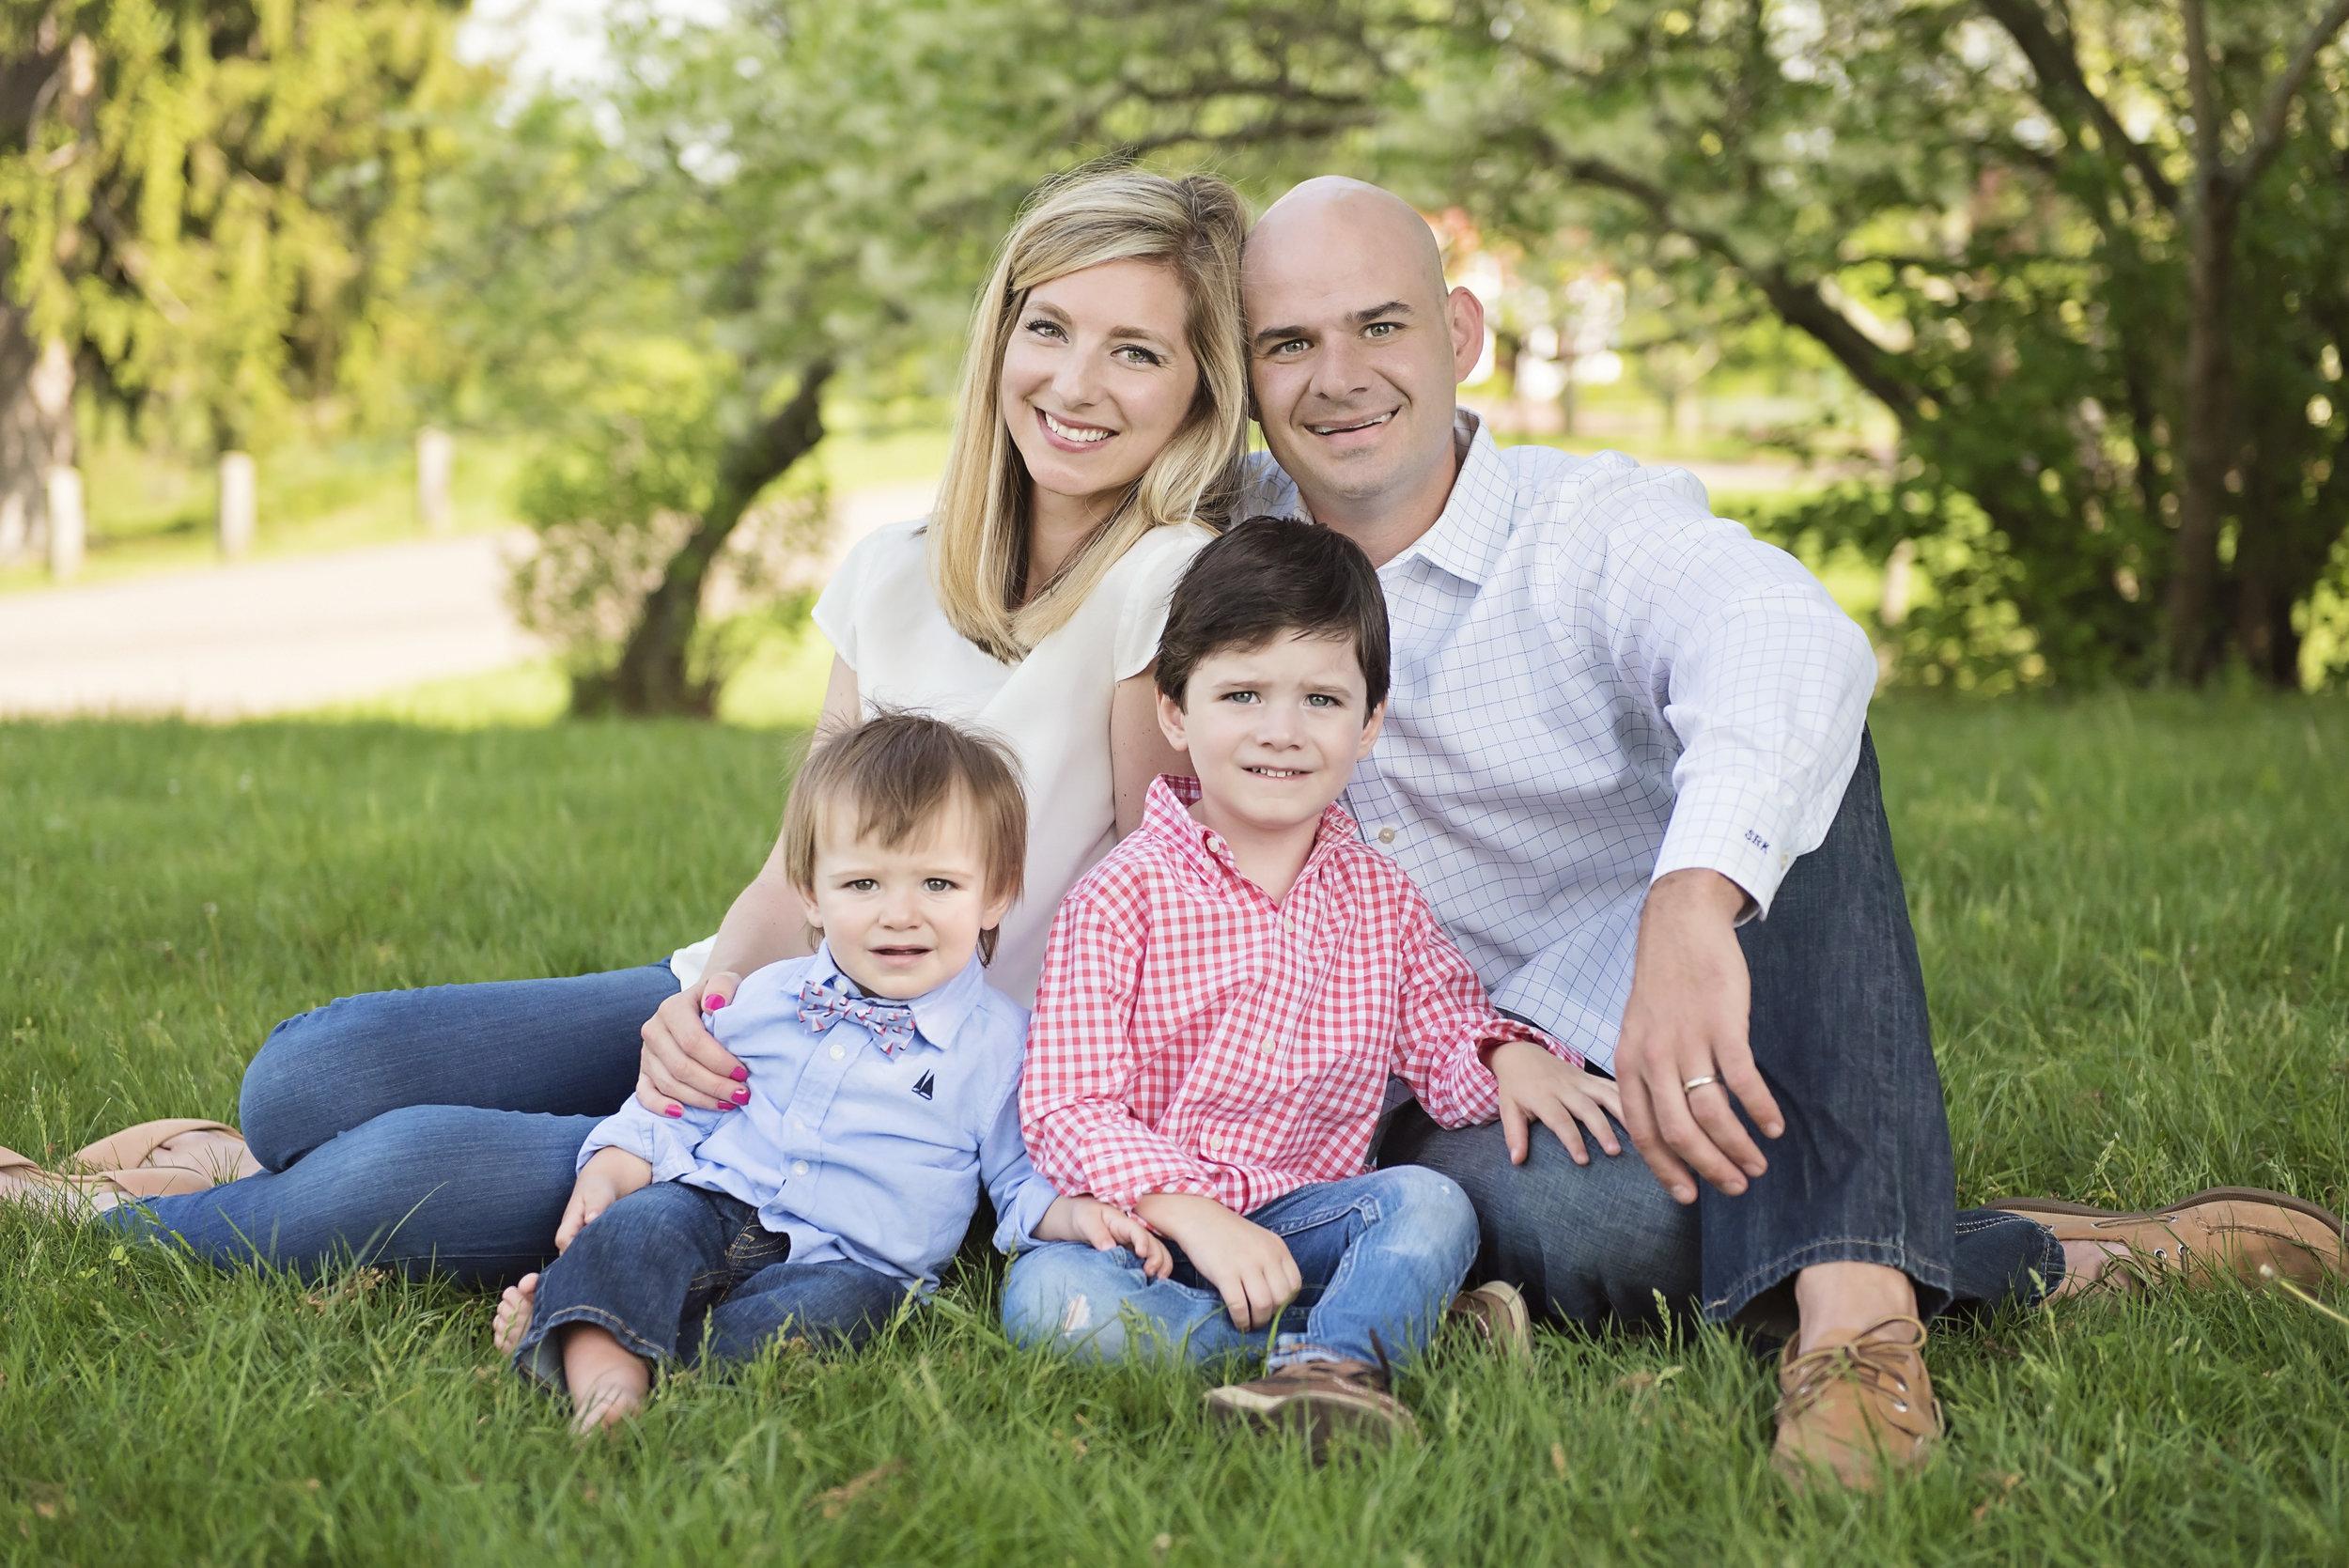 Kocalick Family 08.jpg